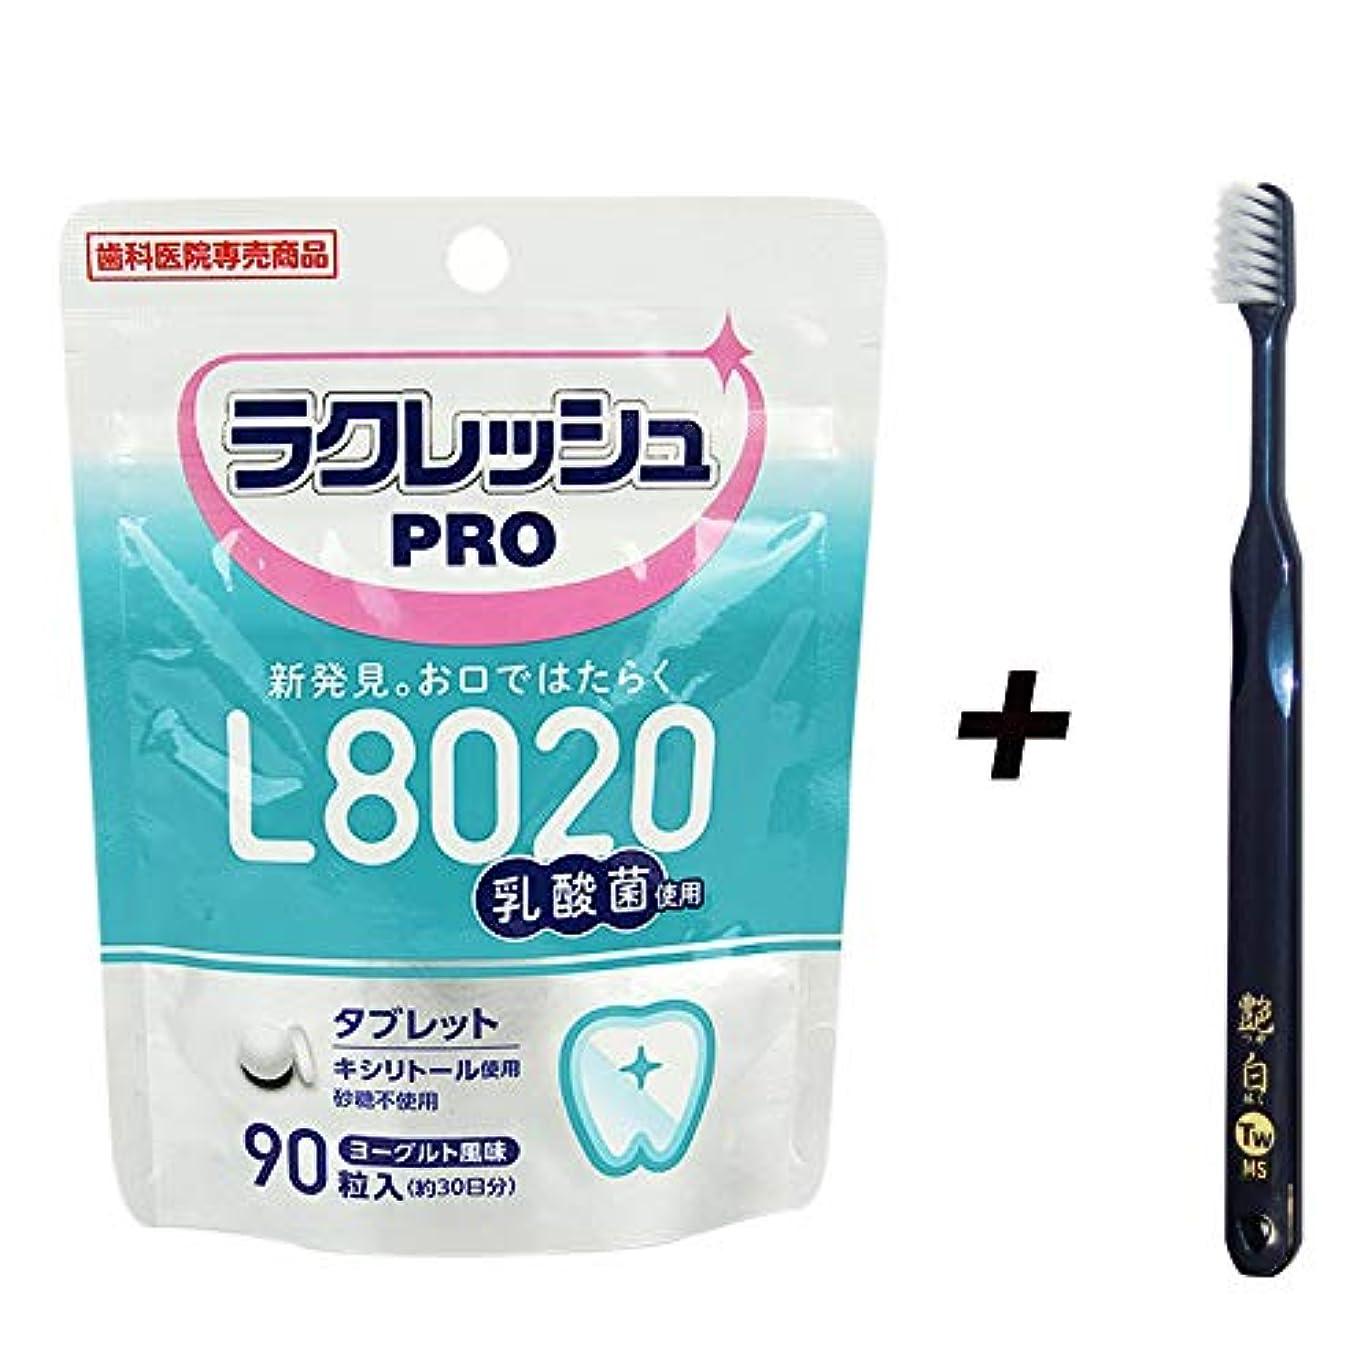 ギネス机複雑なL8020 乳酸菌 ラクレッシュ PRO タブレット 90粒×1袋 + 日本製歯ブラシ 艶白(つやはく)ツイン ハブラシ 1本 MS(やややわらかめ) 歯科医院取扱品